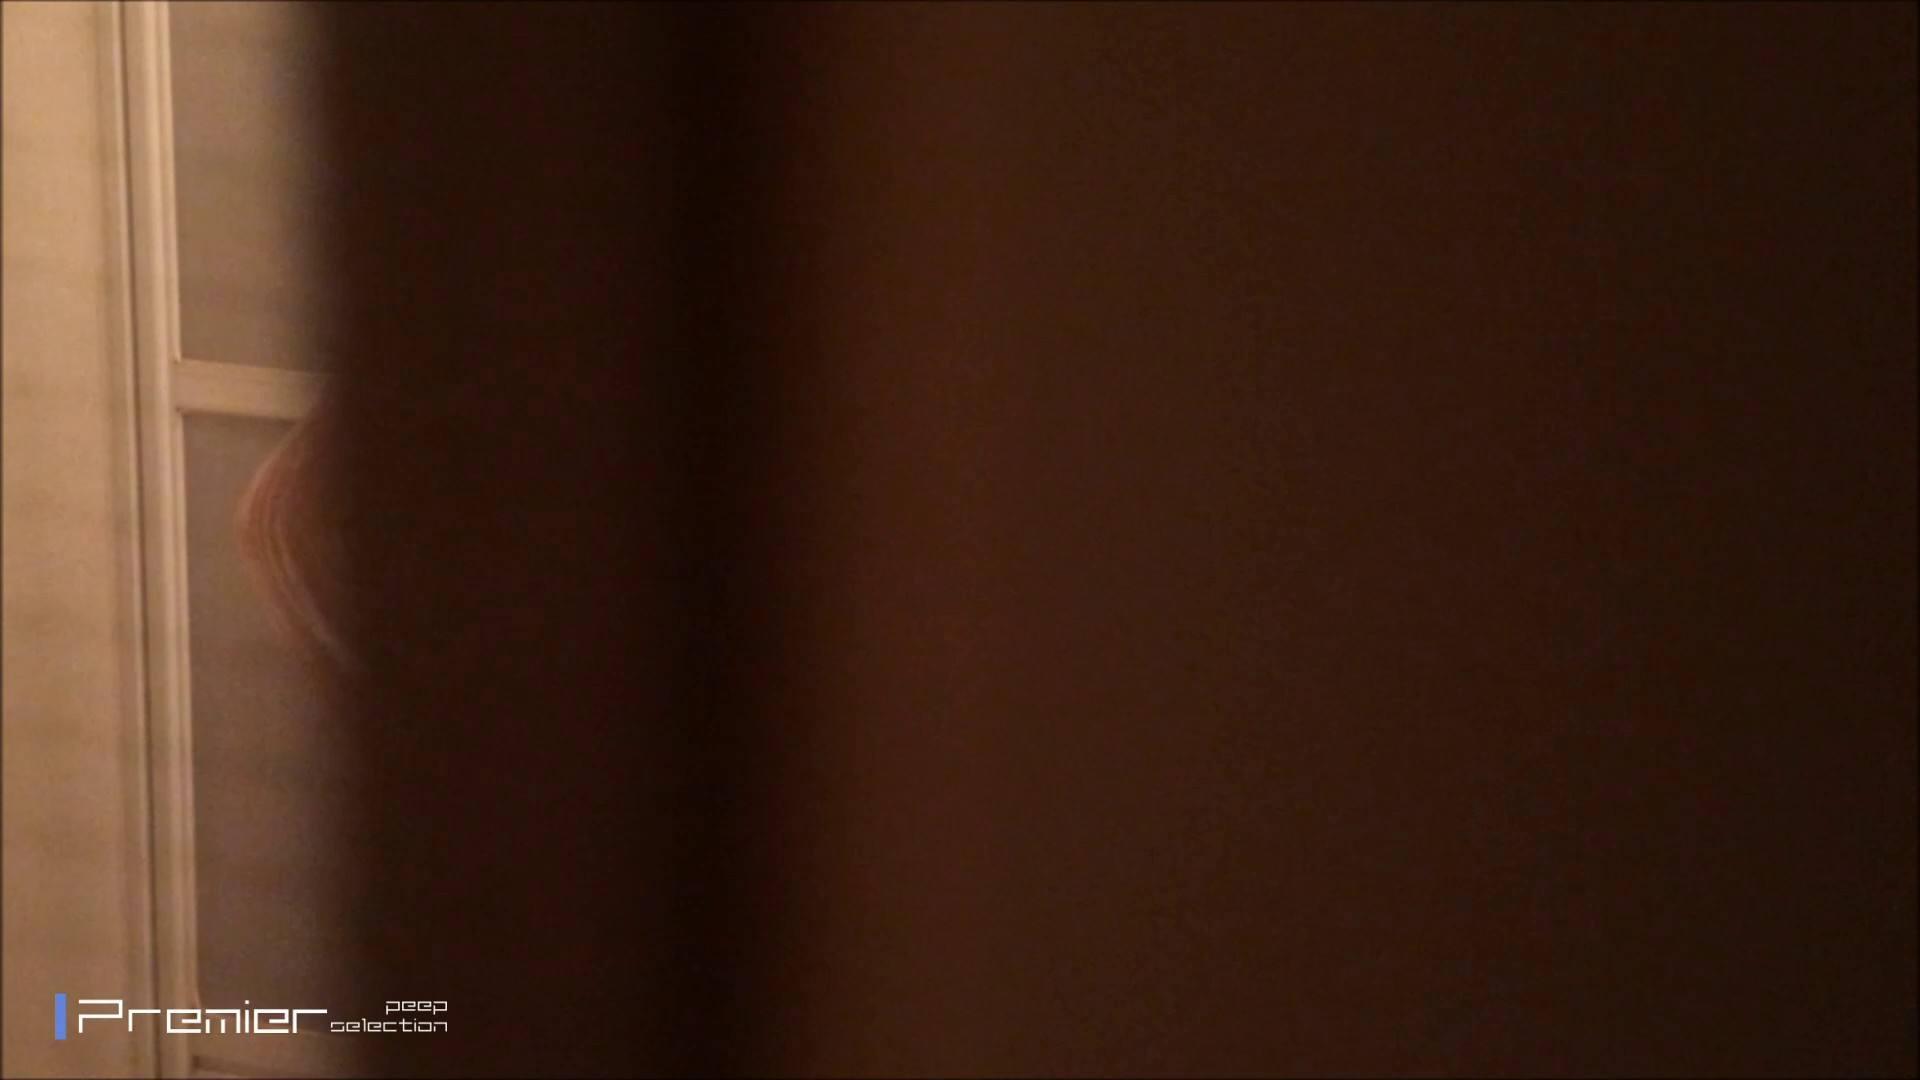 シャワーのお湯を跳ね返すお肌 乙女の風呂場 Vol.03 綺麗な乙女 | 投稿作品  98連発 97